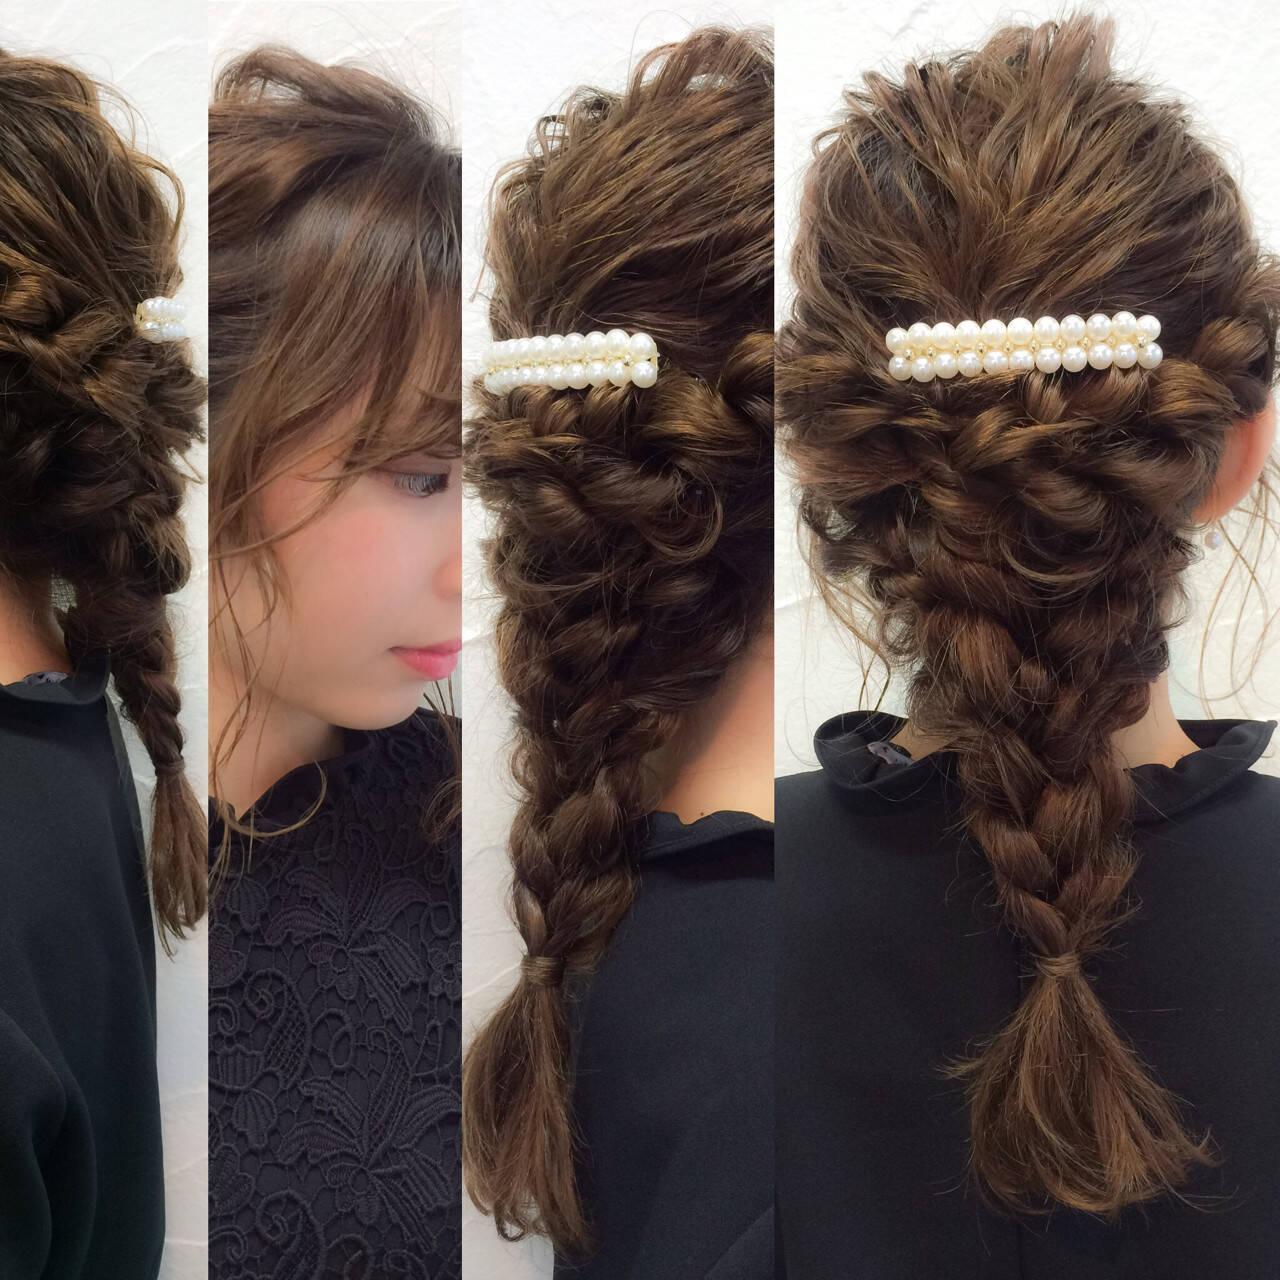 ラフ パーティ セミロング 大人かわいいヘアスタイルや髪型の写真・画像